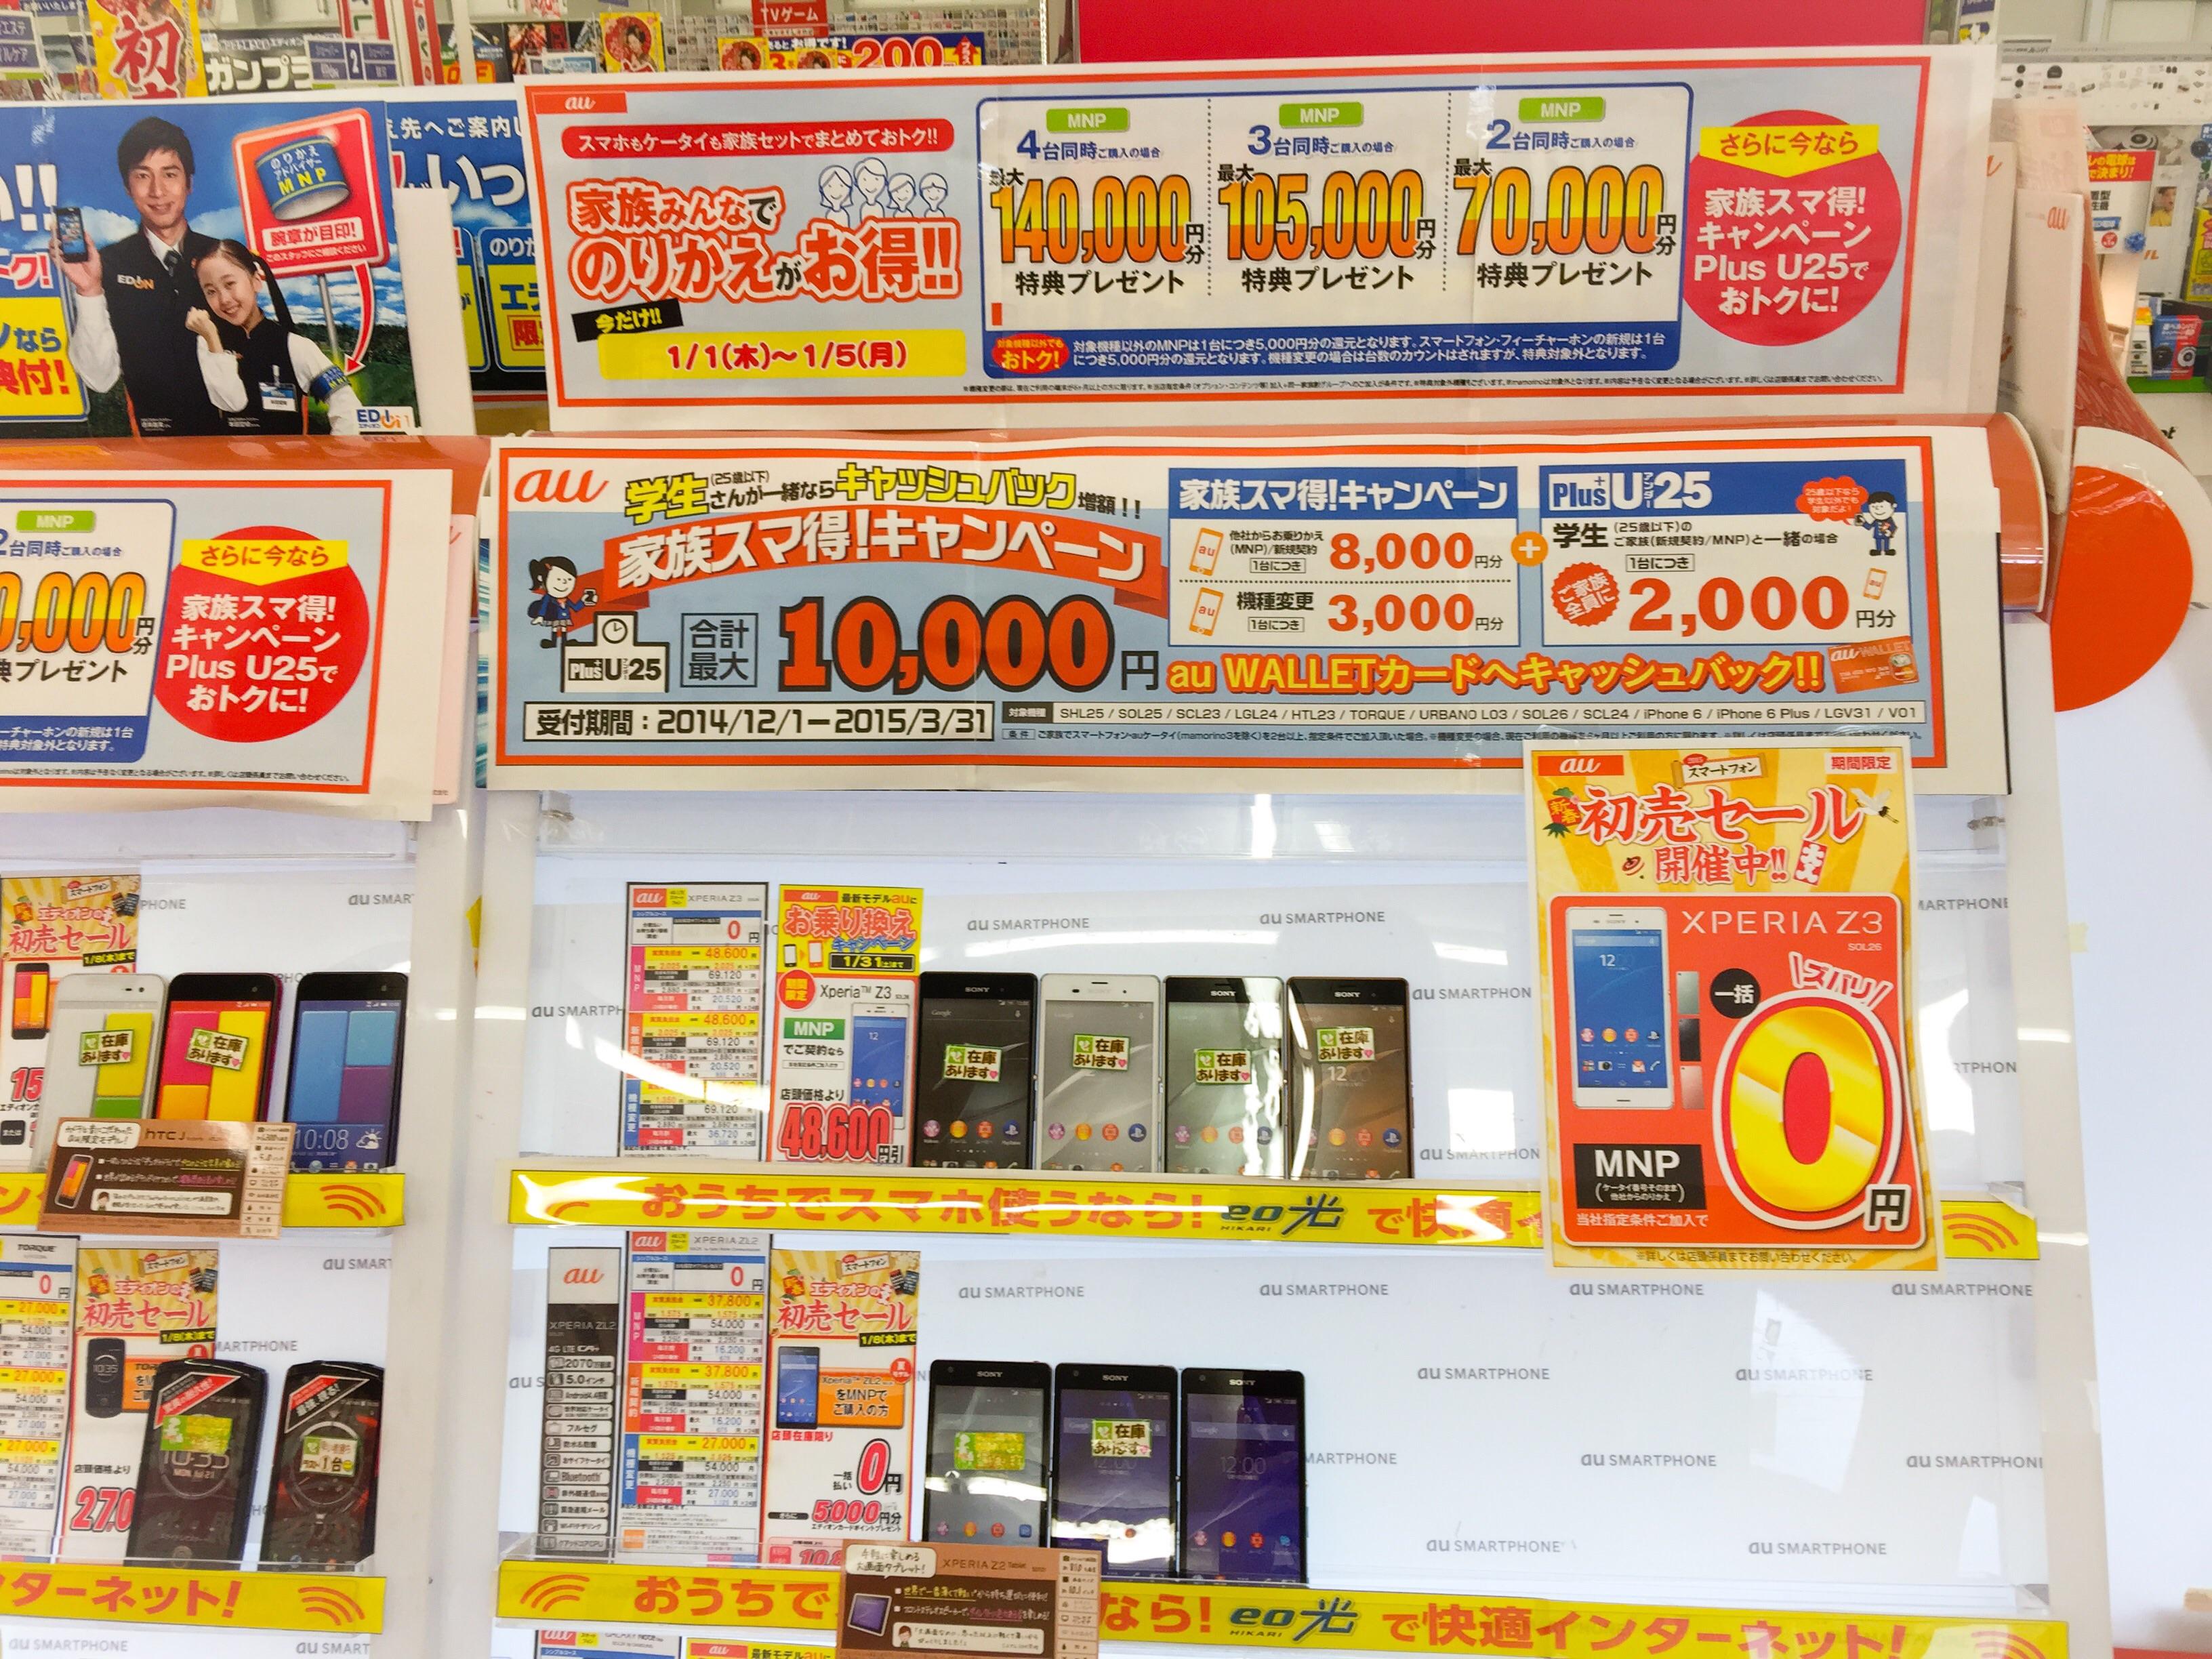 滋賀のエディオンで14万円分のエディオンポイントキャッシュバック中